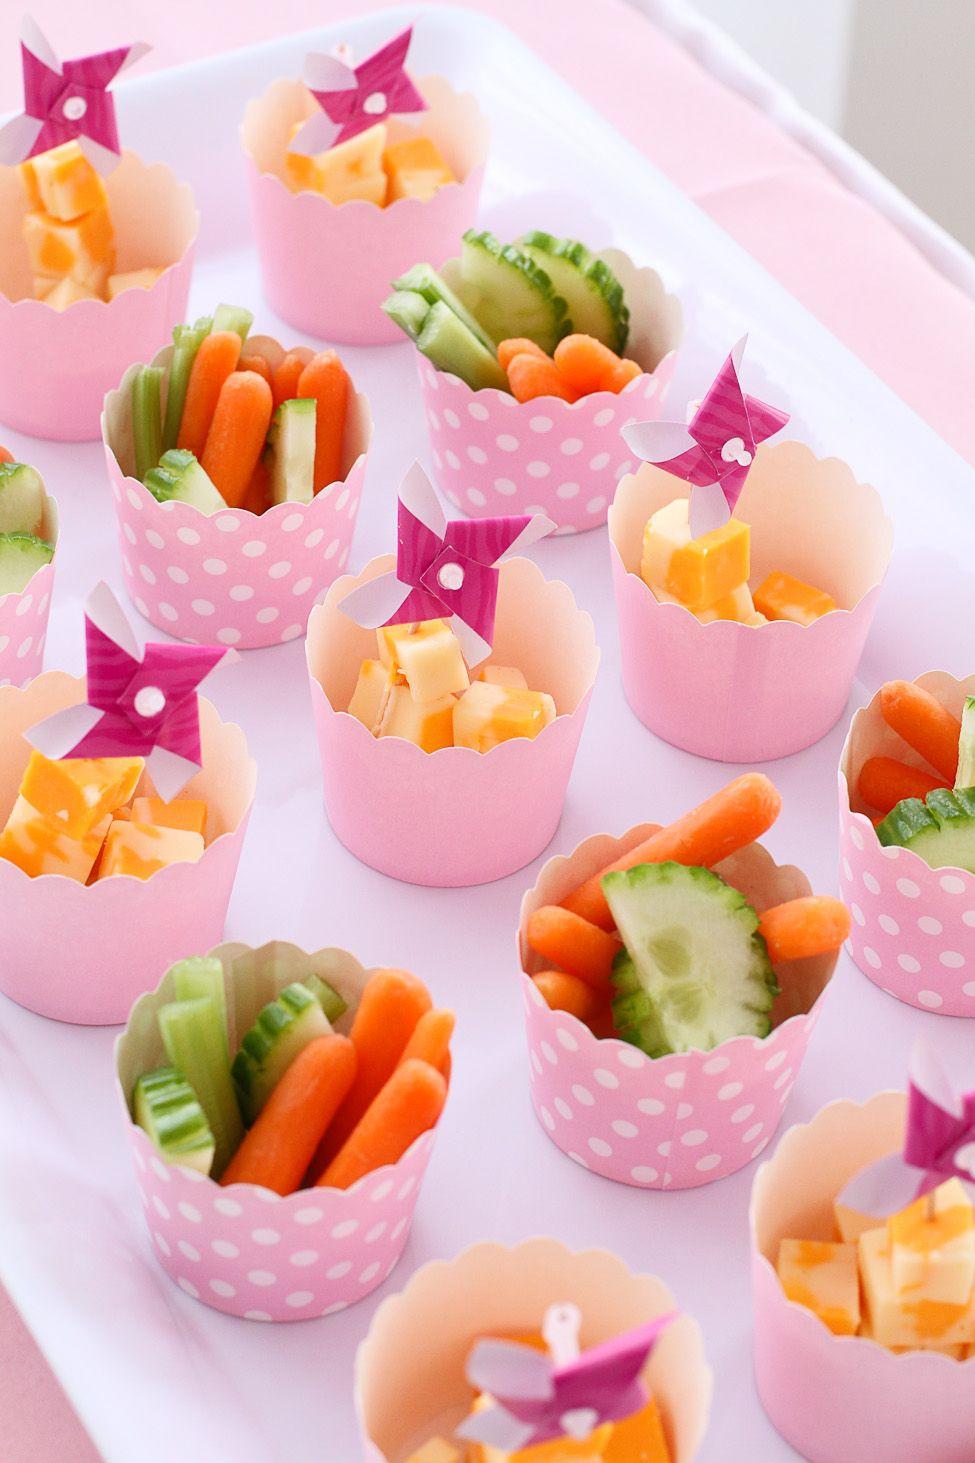 Essen Für Geburtstagsfeier  Gemüsesticks in Muffinförmchen Eine gesunde und leckere